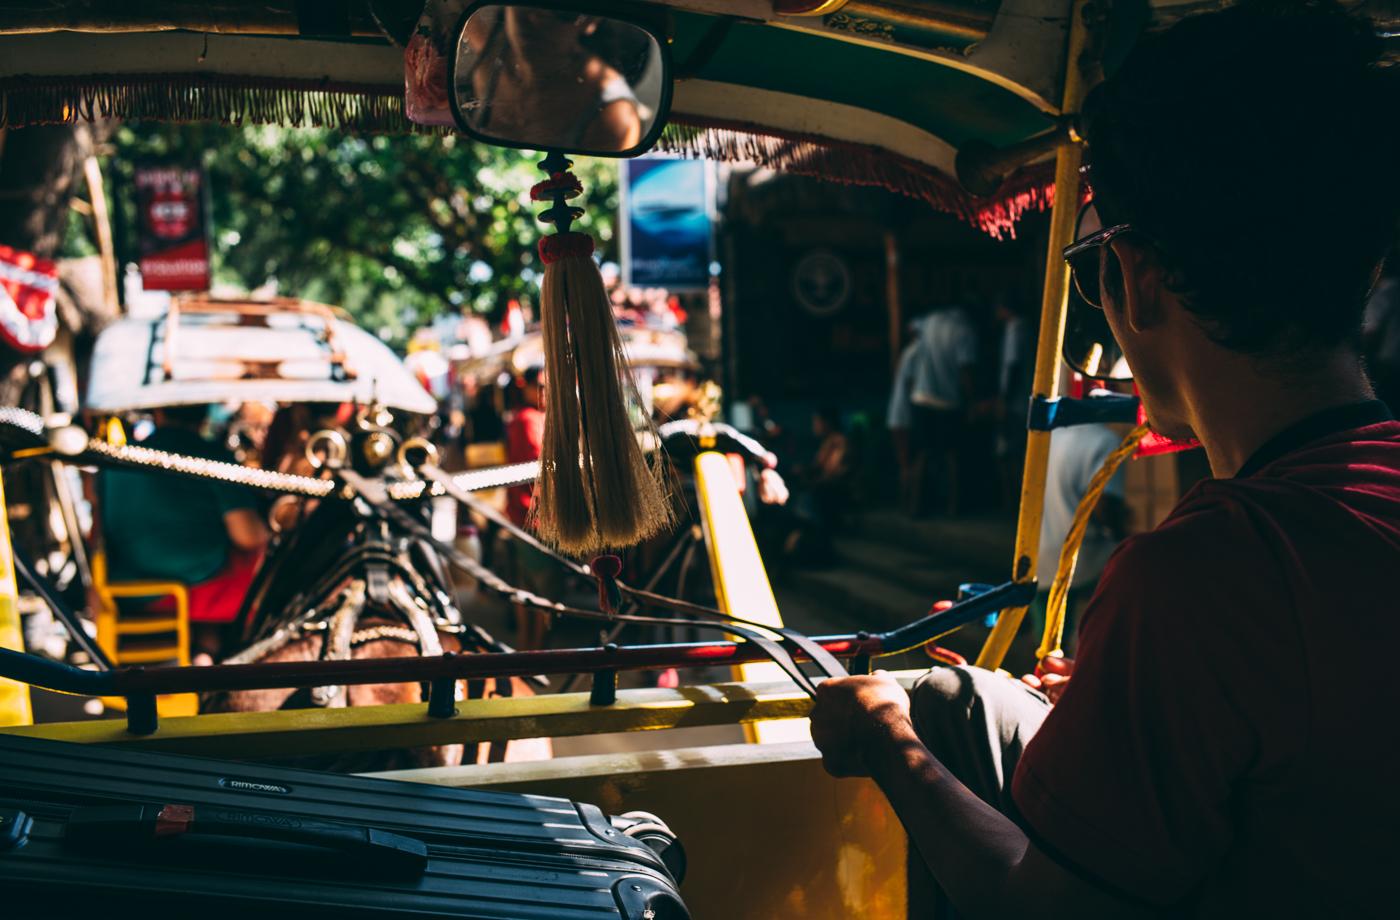 Gili Taxi